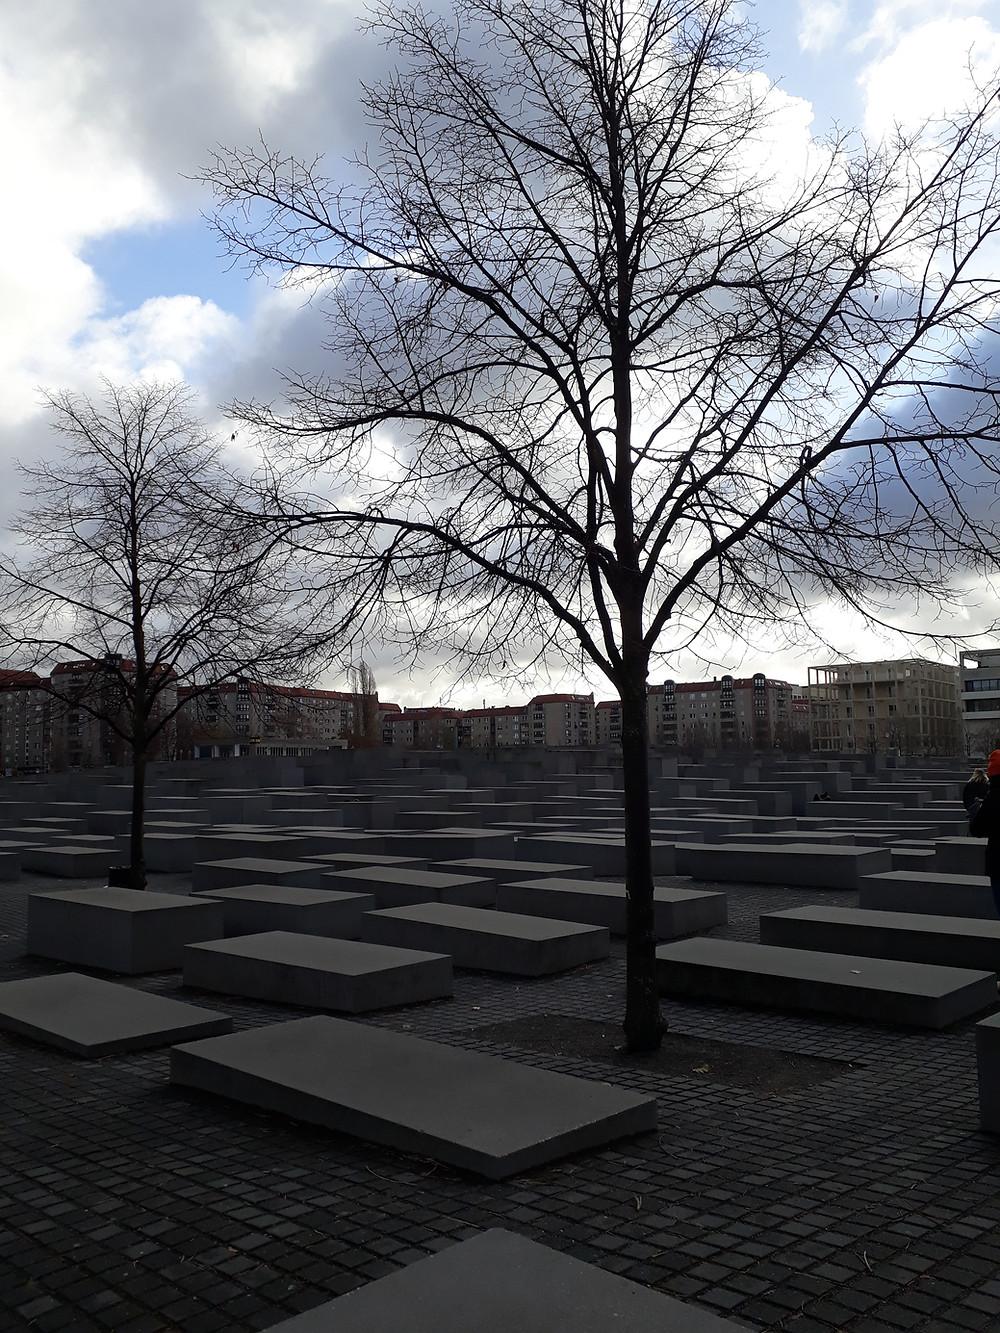 אנדרטה לזכר יהודי אירופה שנרצחו בברלין צילום: אושרת אביחצירה פרזם